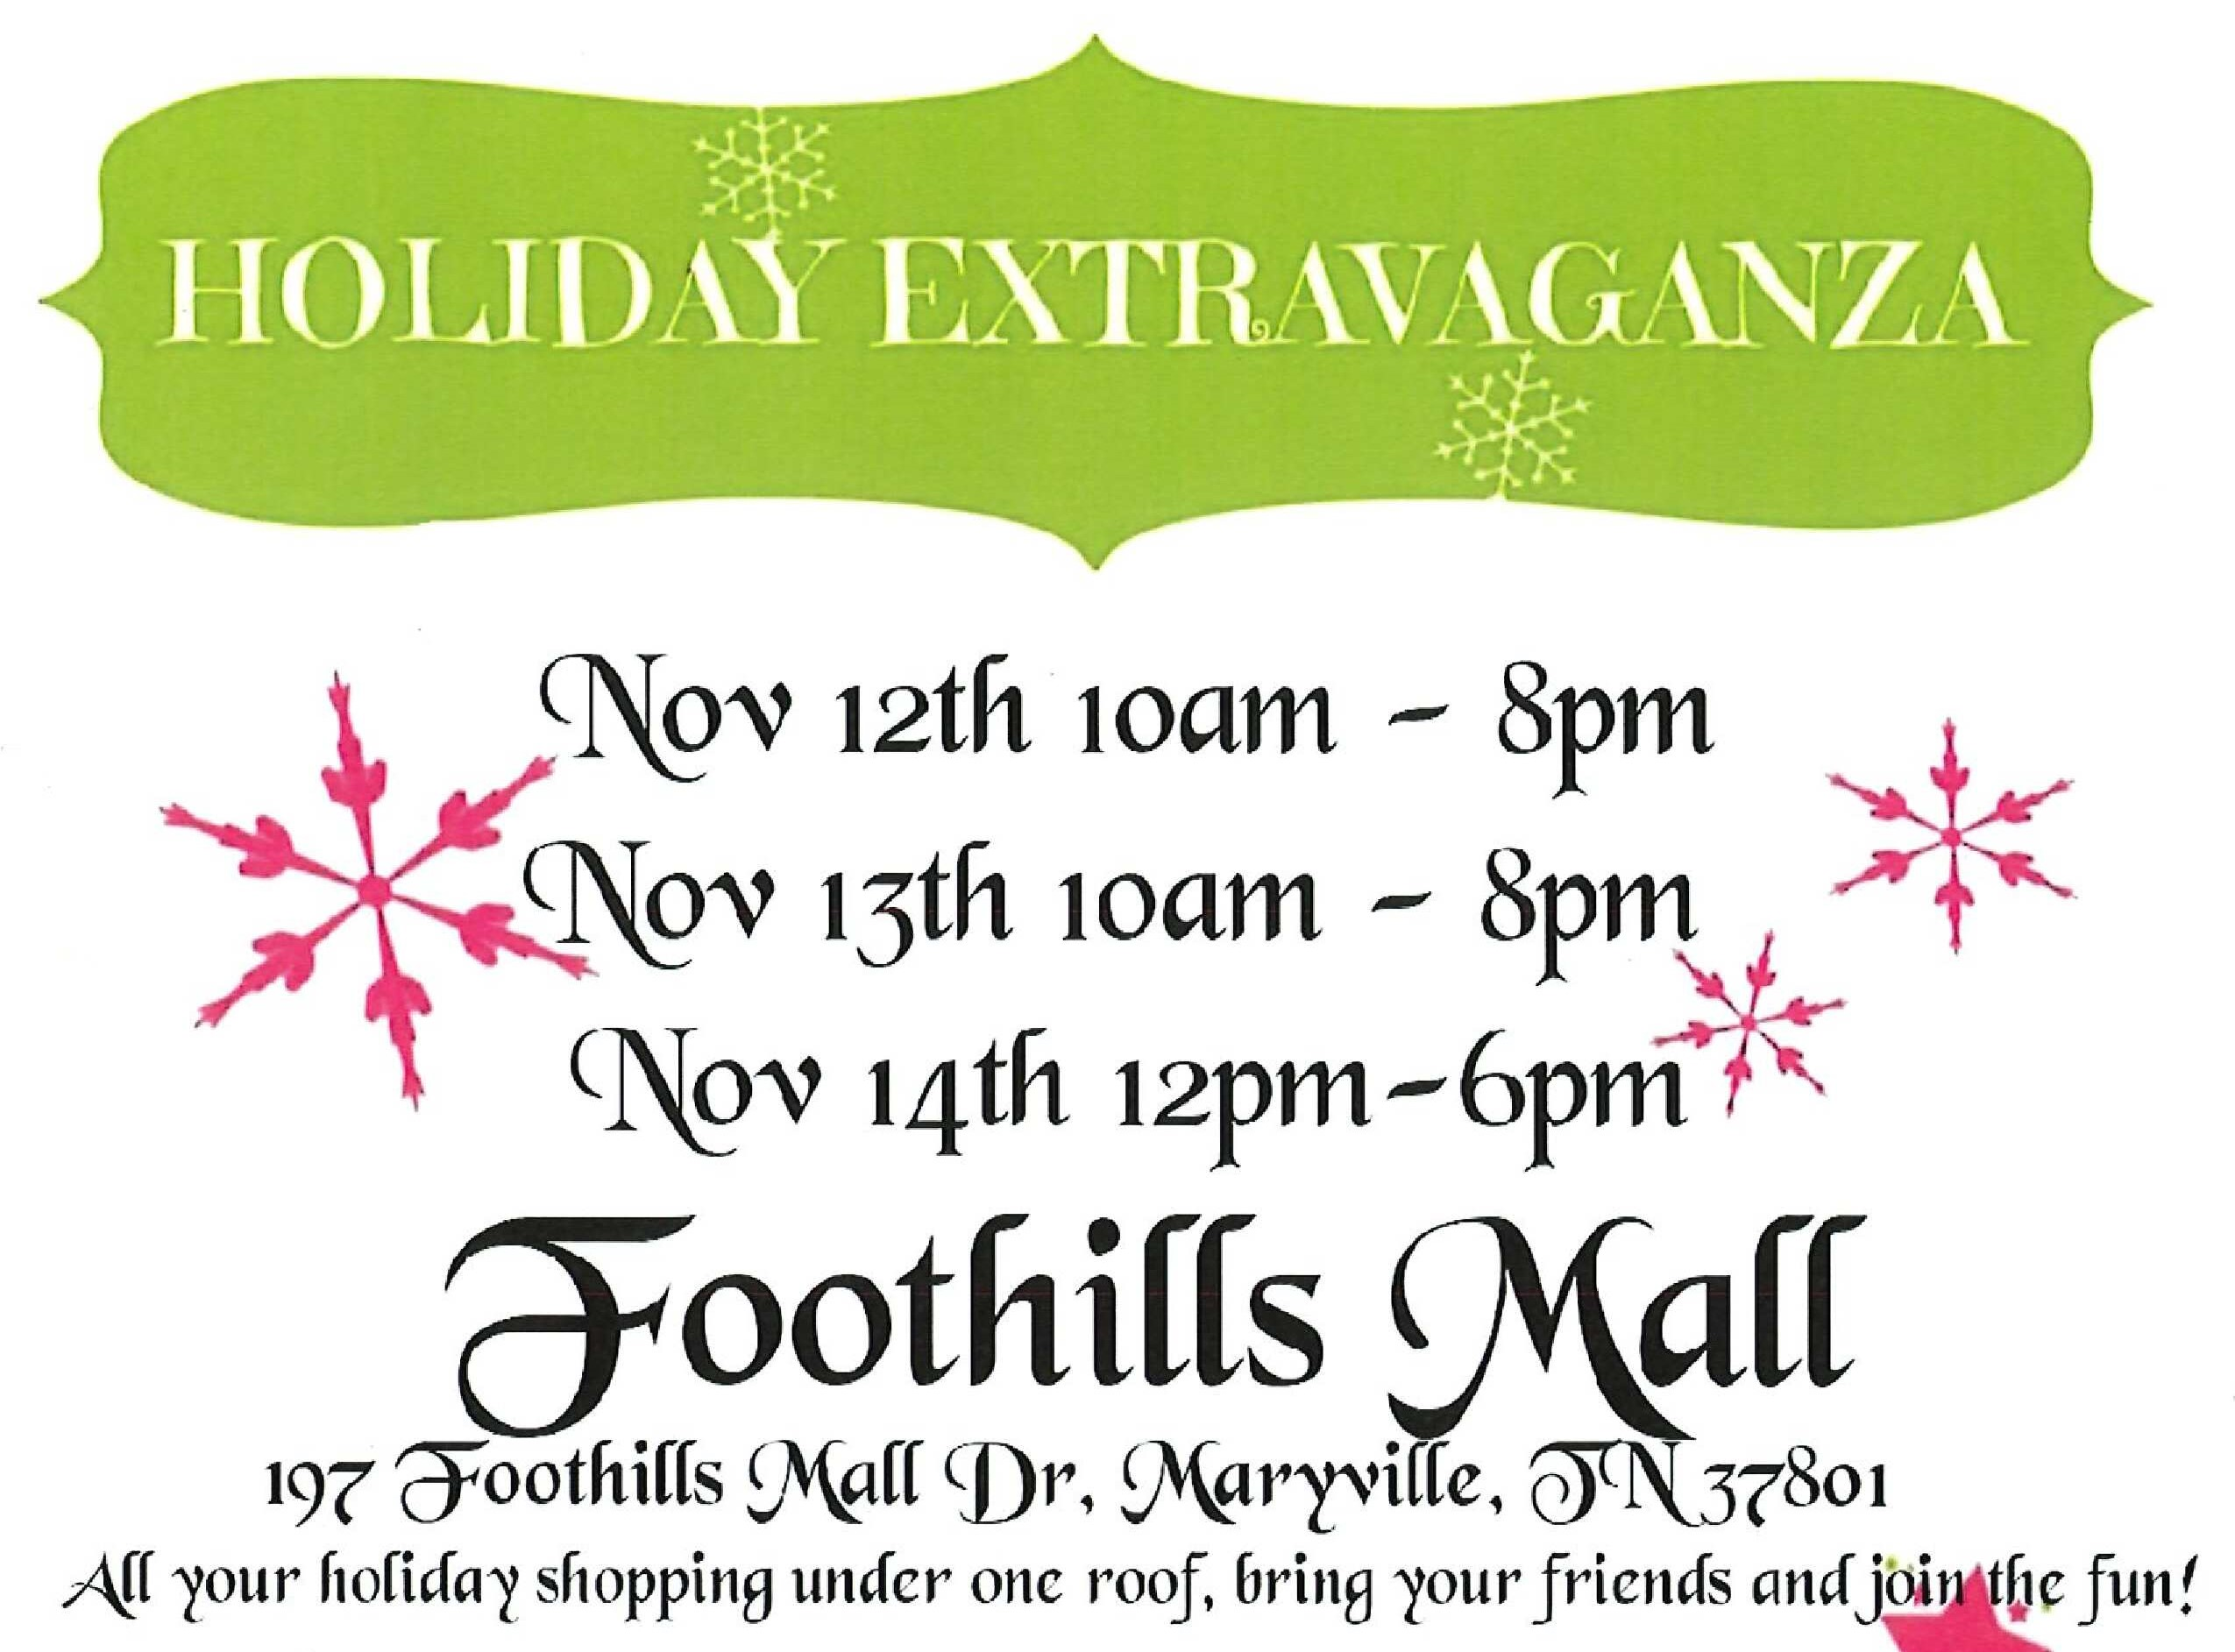 Holiday Extravaganza Craft Fair at Foothills Mall